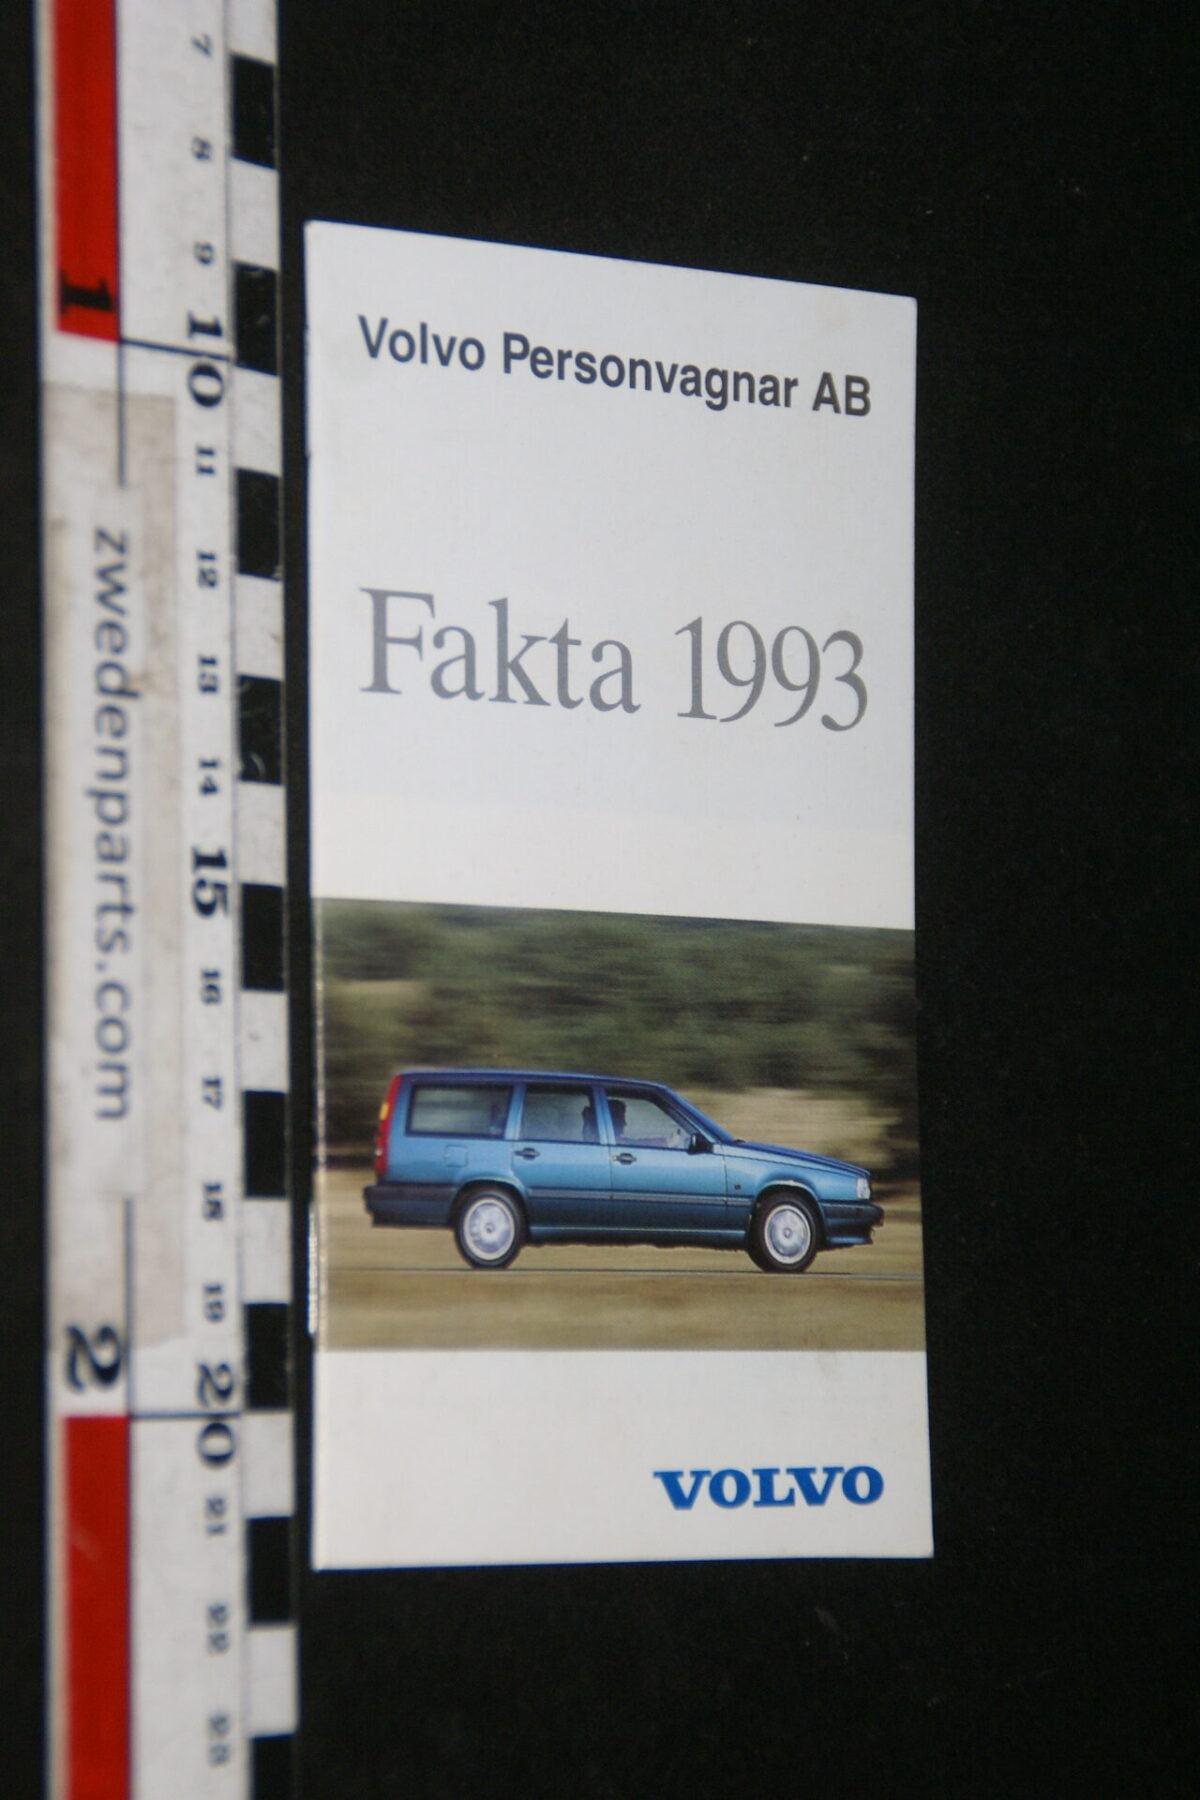 DSC06185 1993 origineel boekje Volvo Fakta, nr. PRPV 930501, Svenska-379f58dd